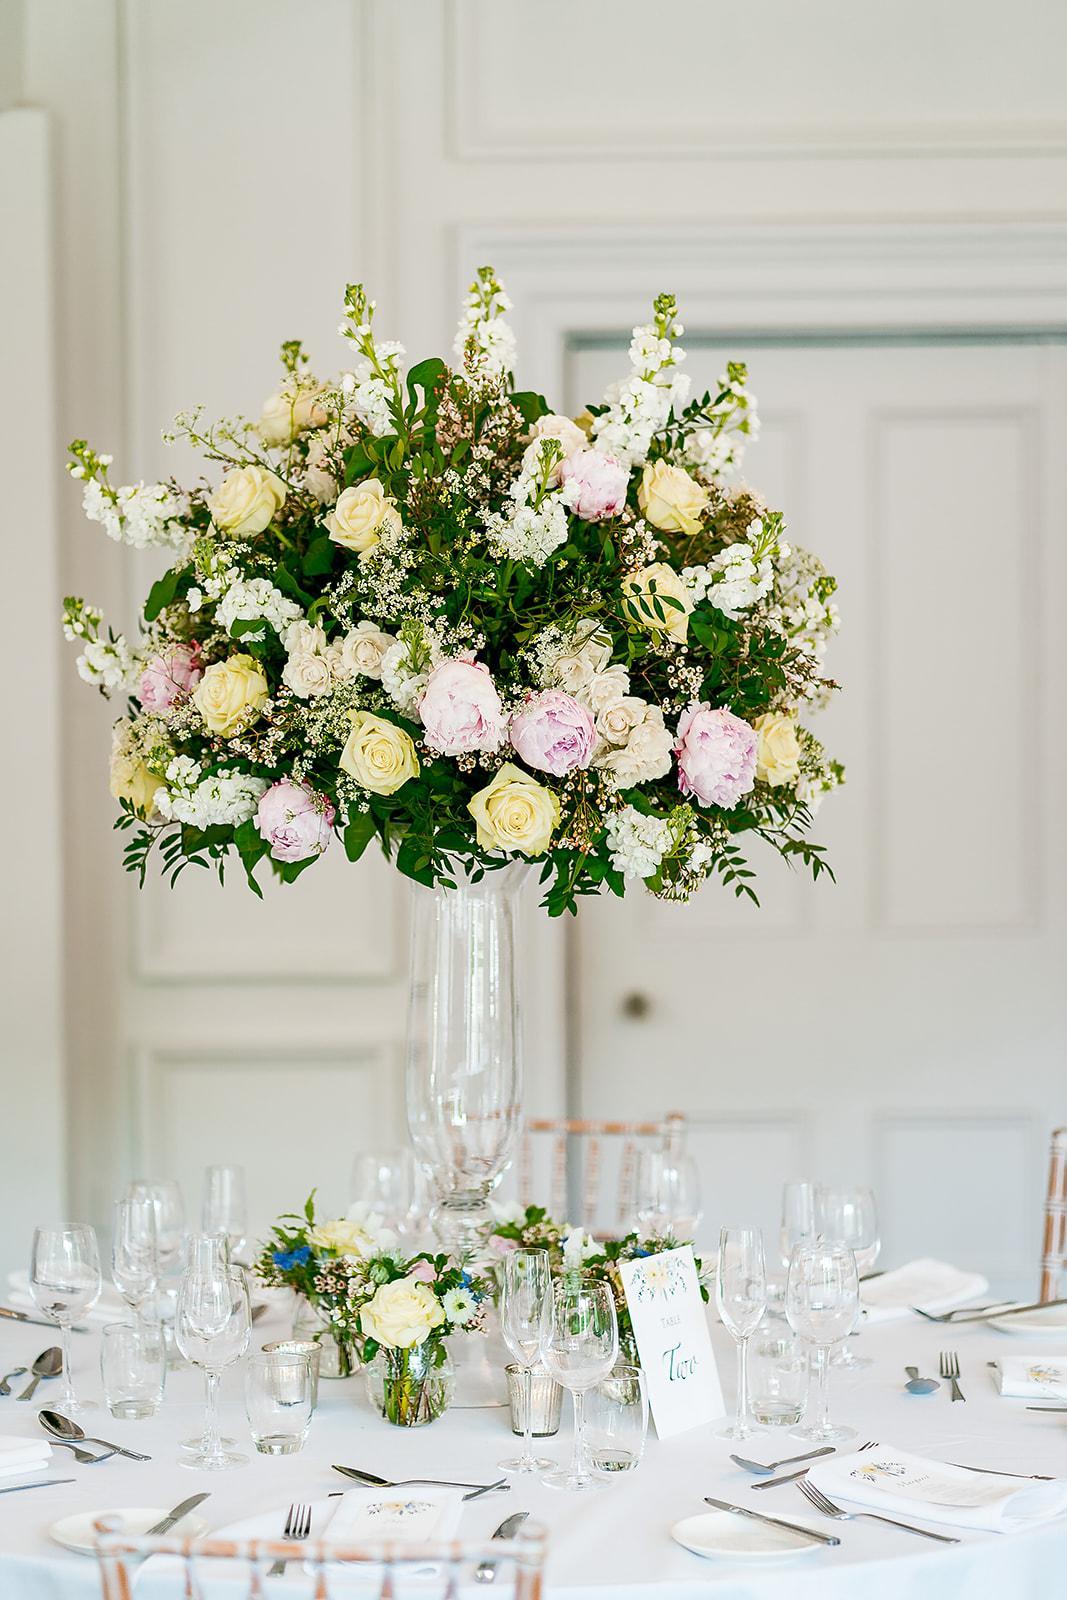 Sarah Crookston 's exquisite Porta Nova White Naomi wedding